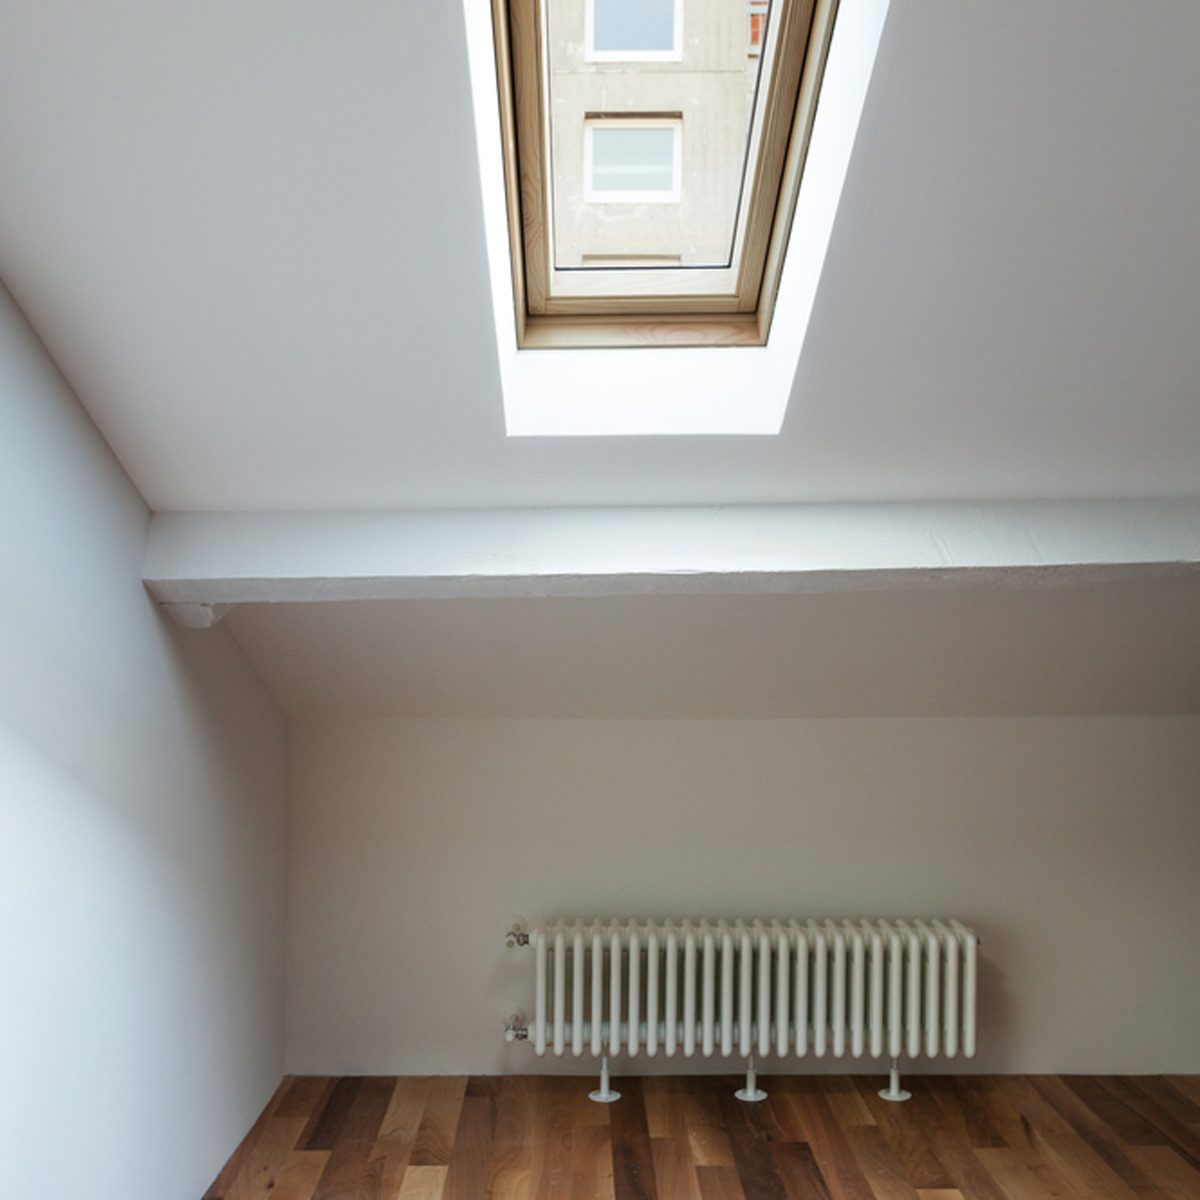 radiator skylight